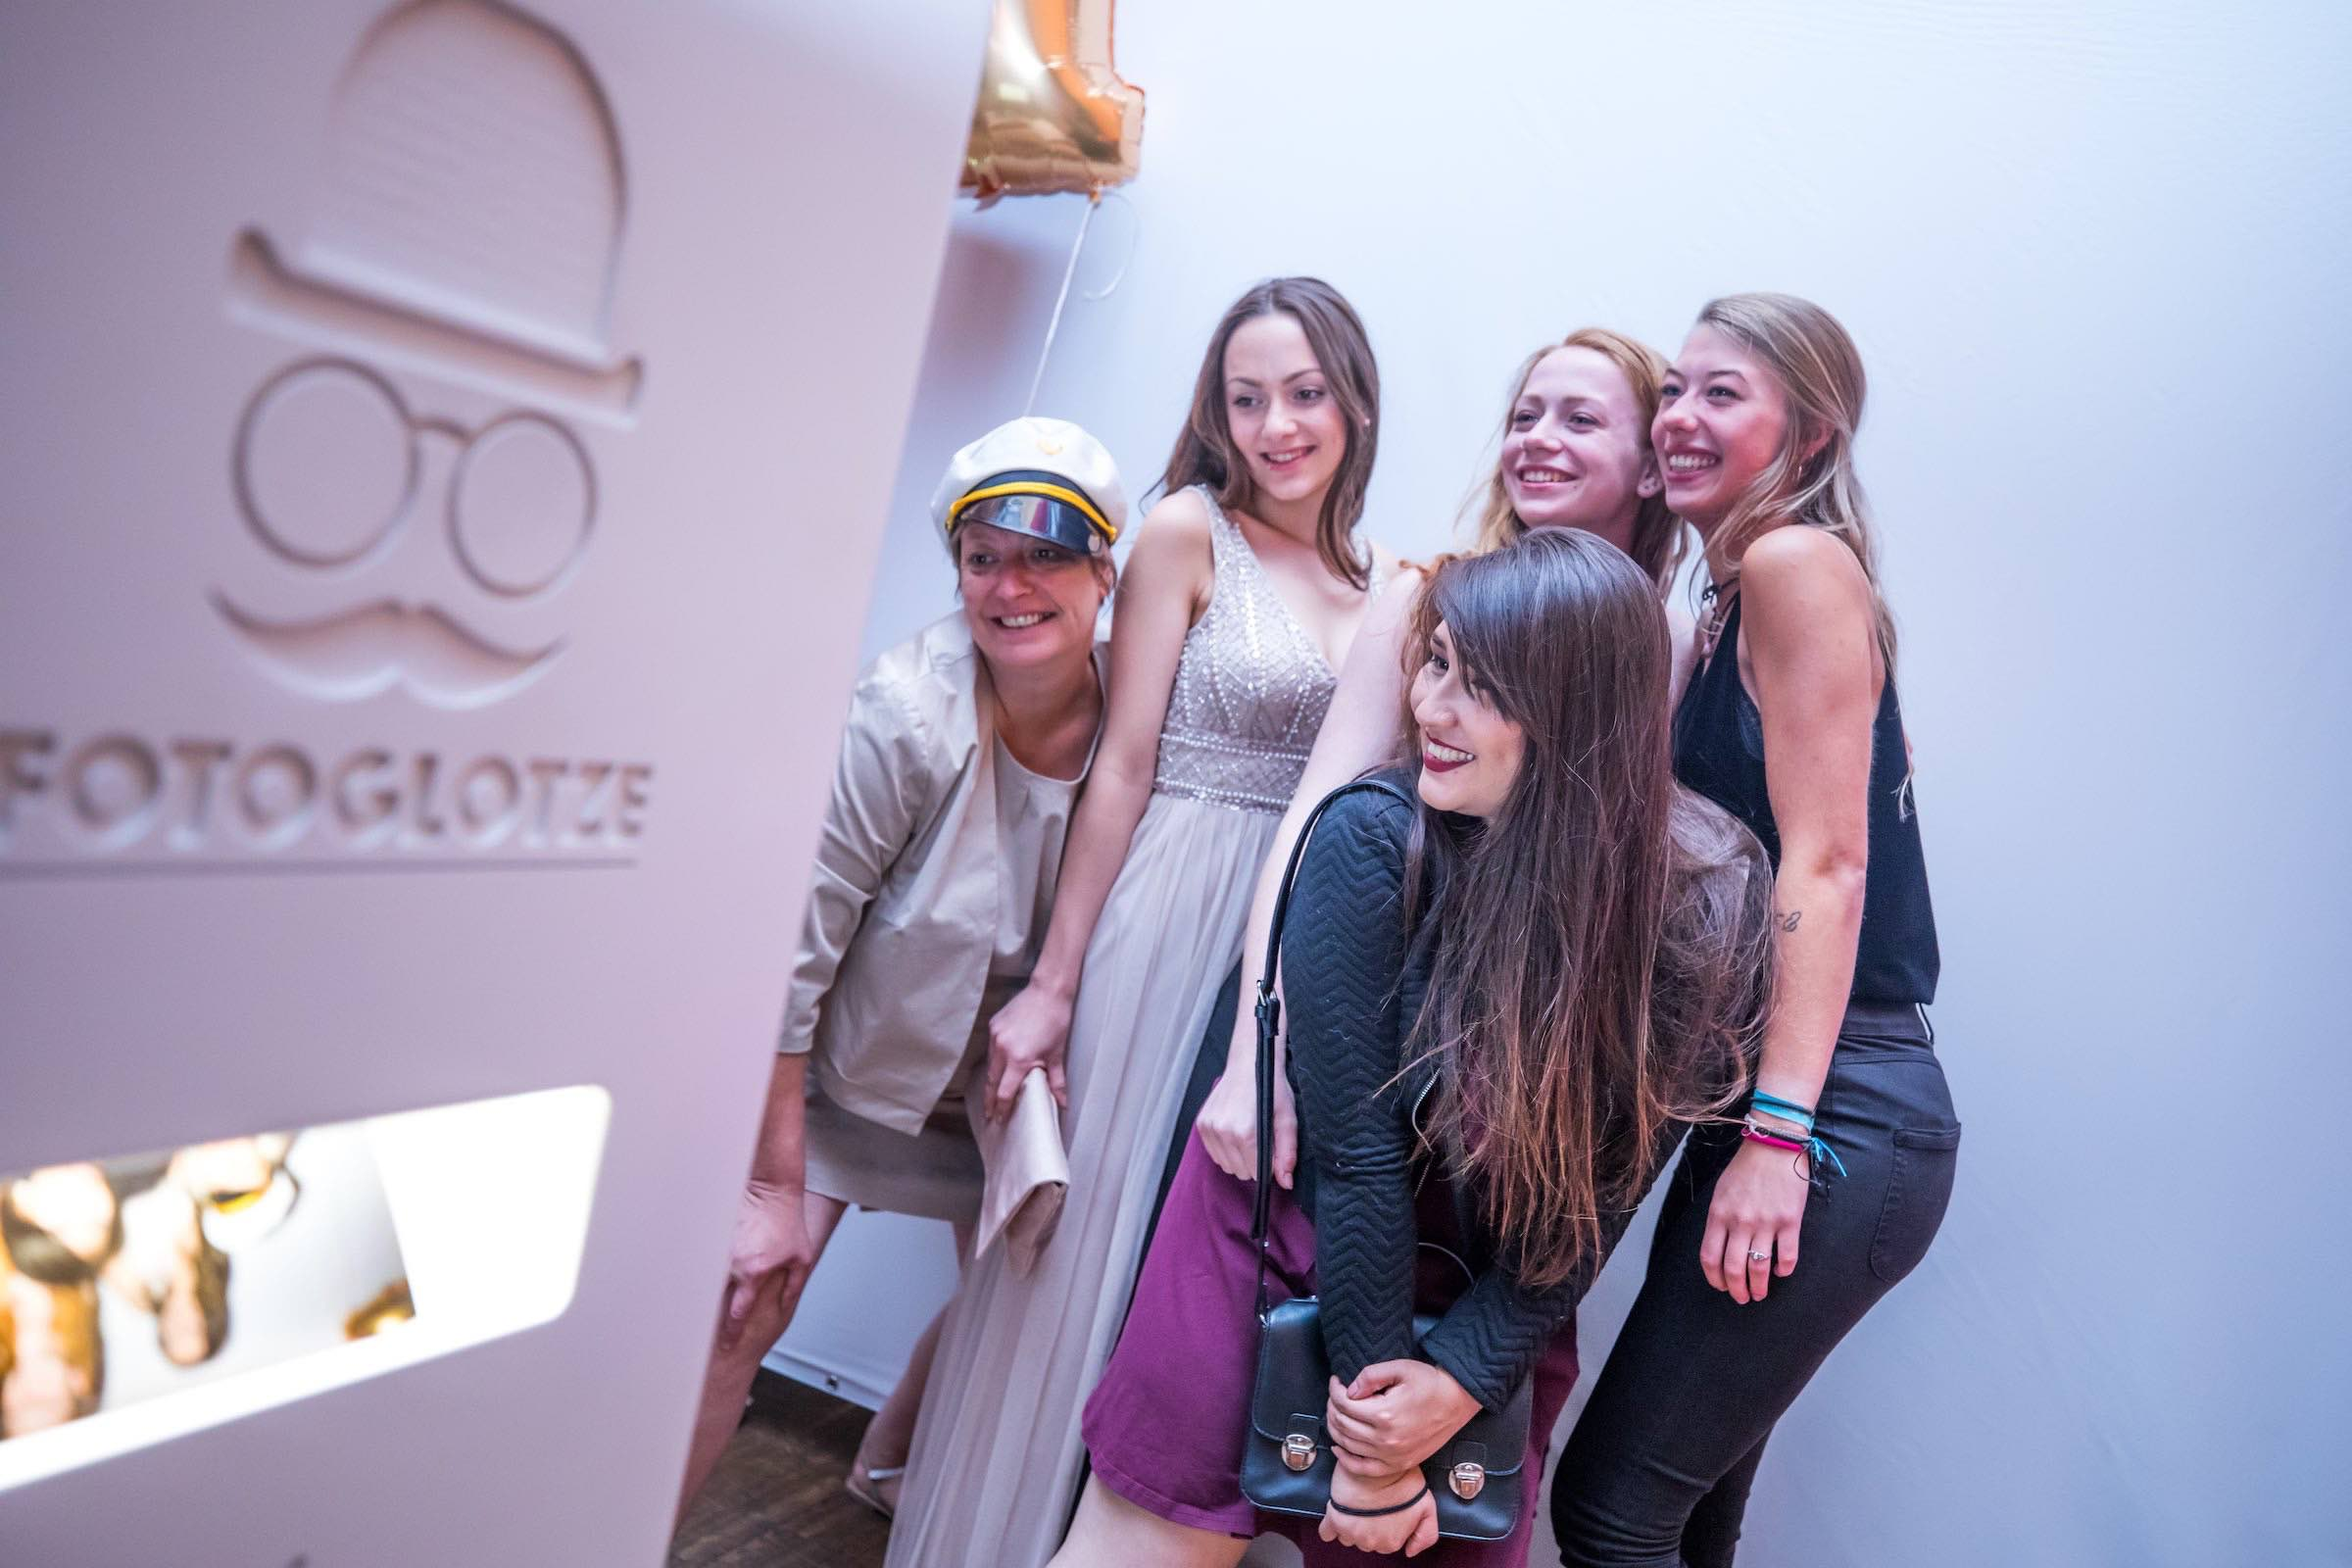 Fotobox | Mieten | Hamburg | Druck | Ausdruck | Sofortdruck | Fotokiste | Photobooth | Hochzeit | Fotoautomat | Messe | Event | Firmenfeier | Abiball | Buchen | Anfragen | Mieten | Fotoglotze | Hamburgfeiert